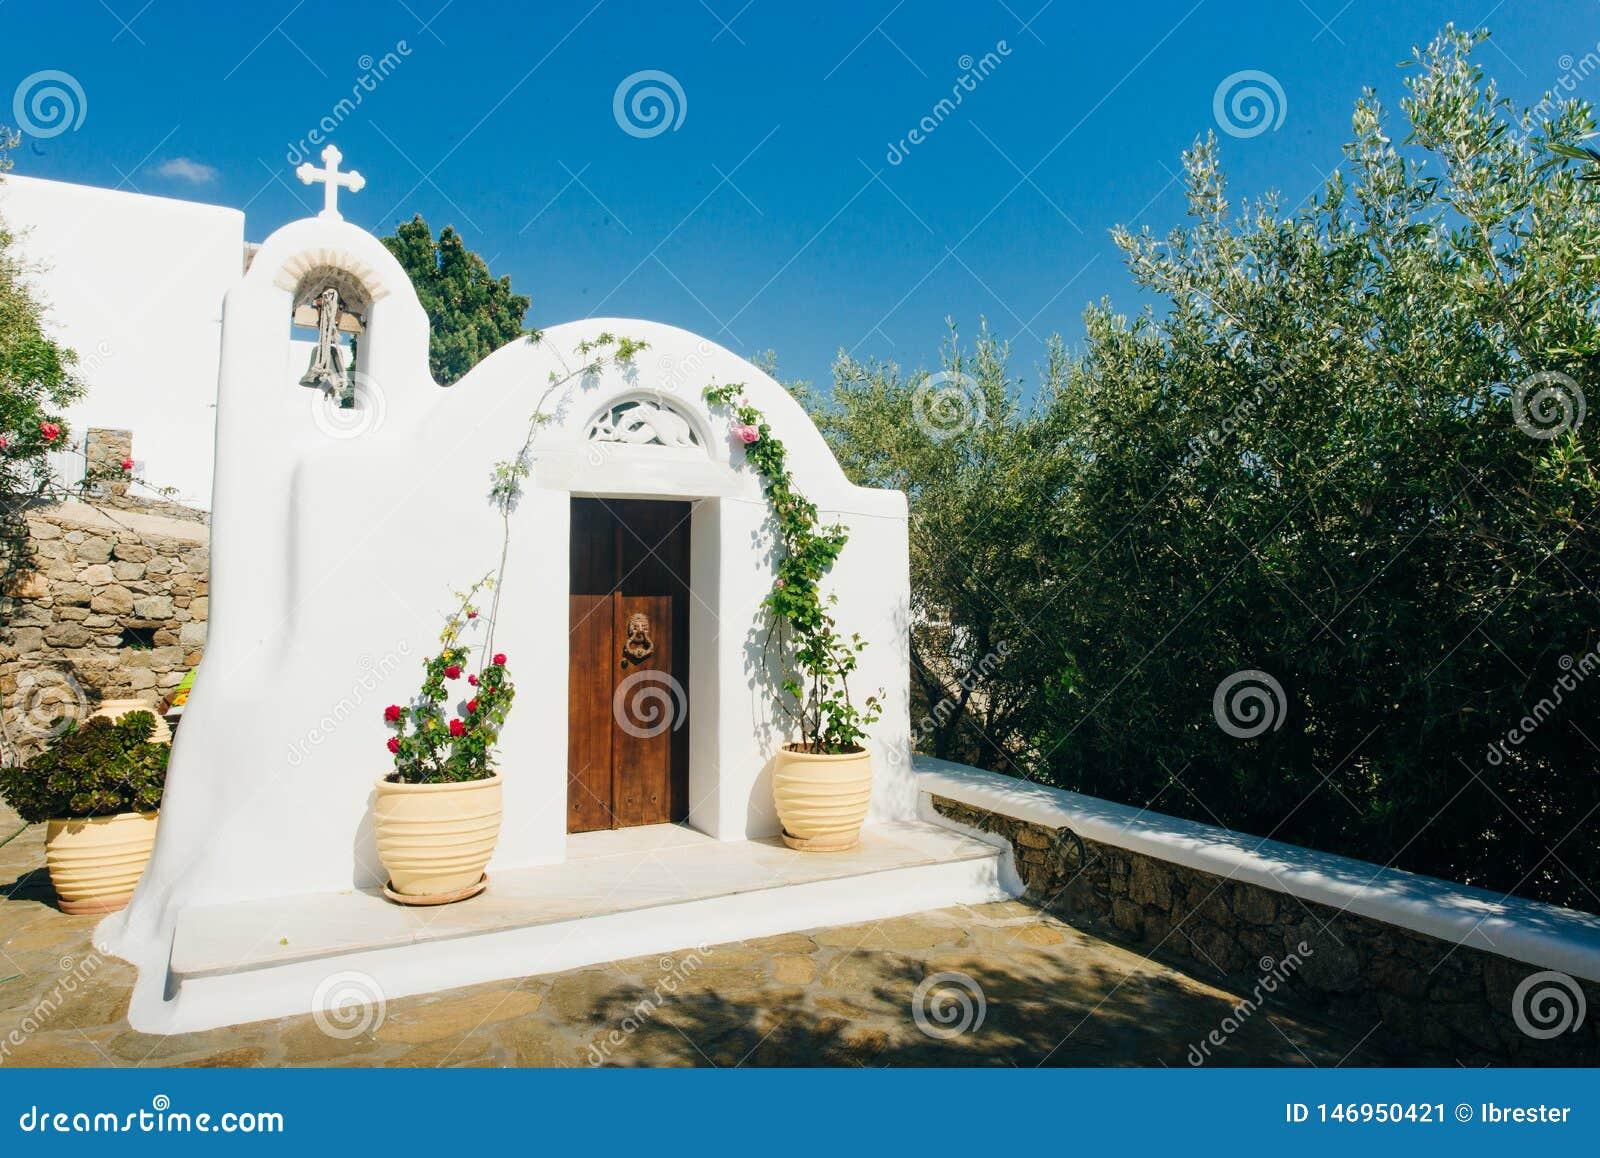 Ένα από πολλά χαρακτηριστικά παρεκκλησια της ελληνικής Ορθόδοξης Εκκλησίας στην πόλη της Μυκόνου